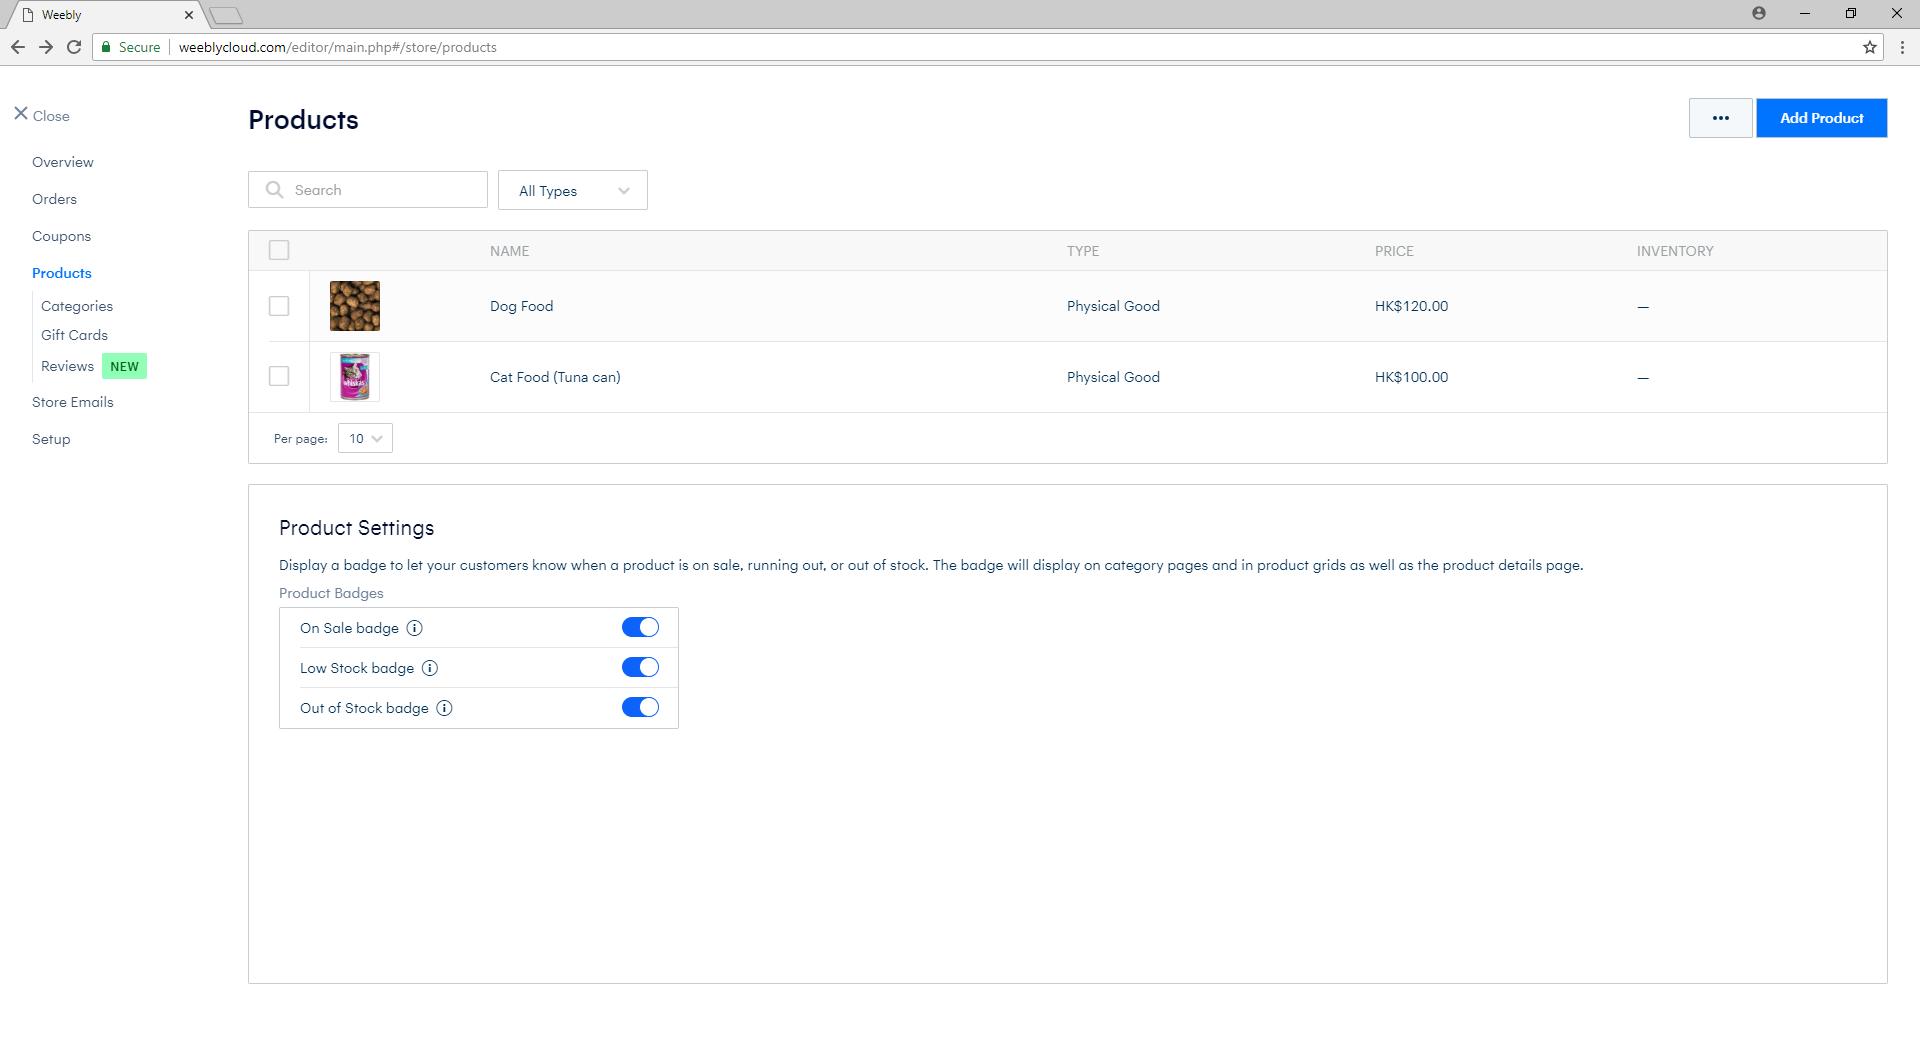 Weebly Website Builder - DIY Web Design Tool for Website, eCommerce